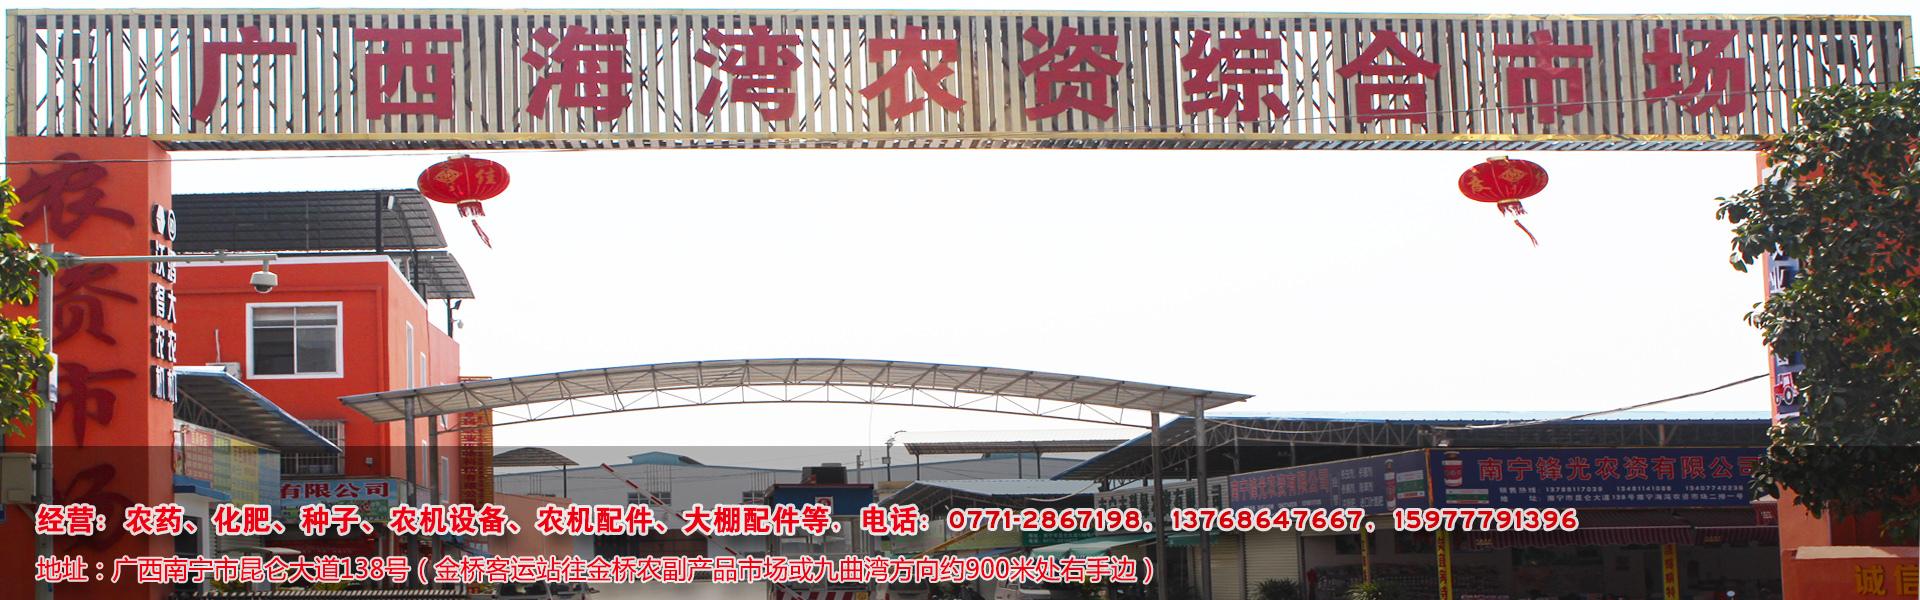 广西农资市场